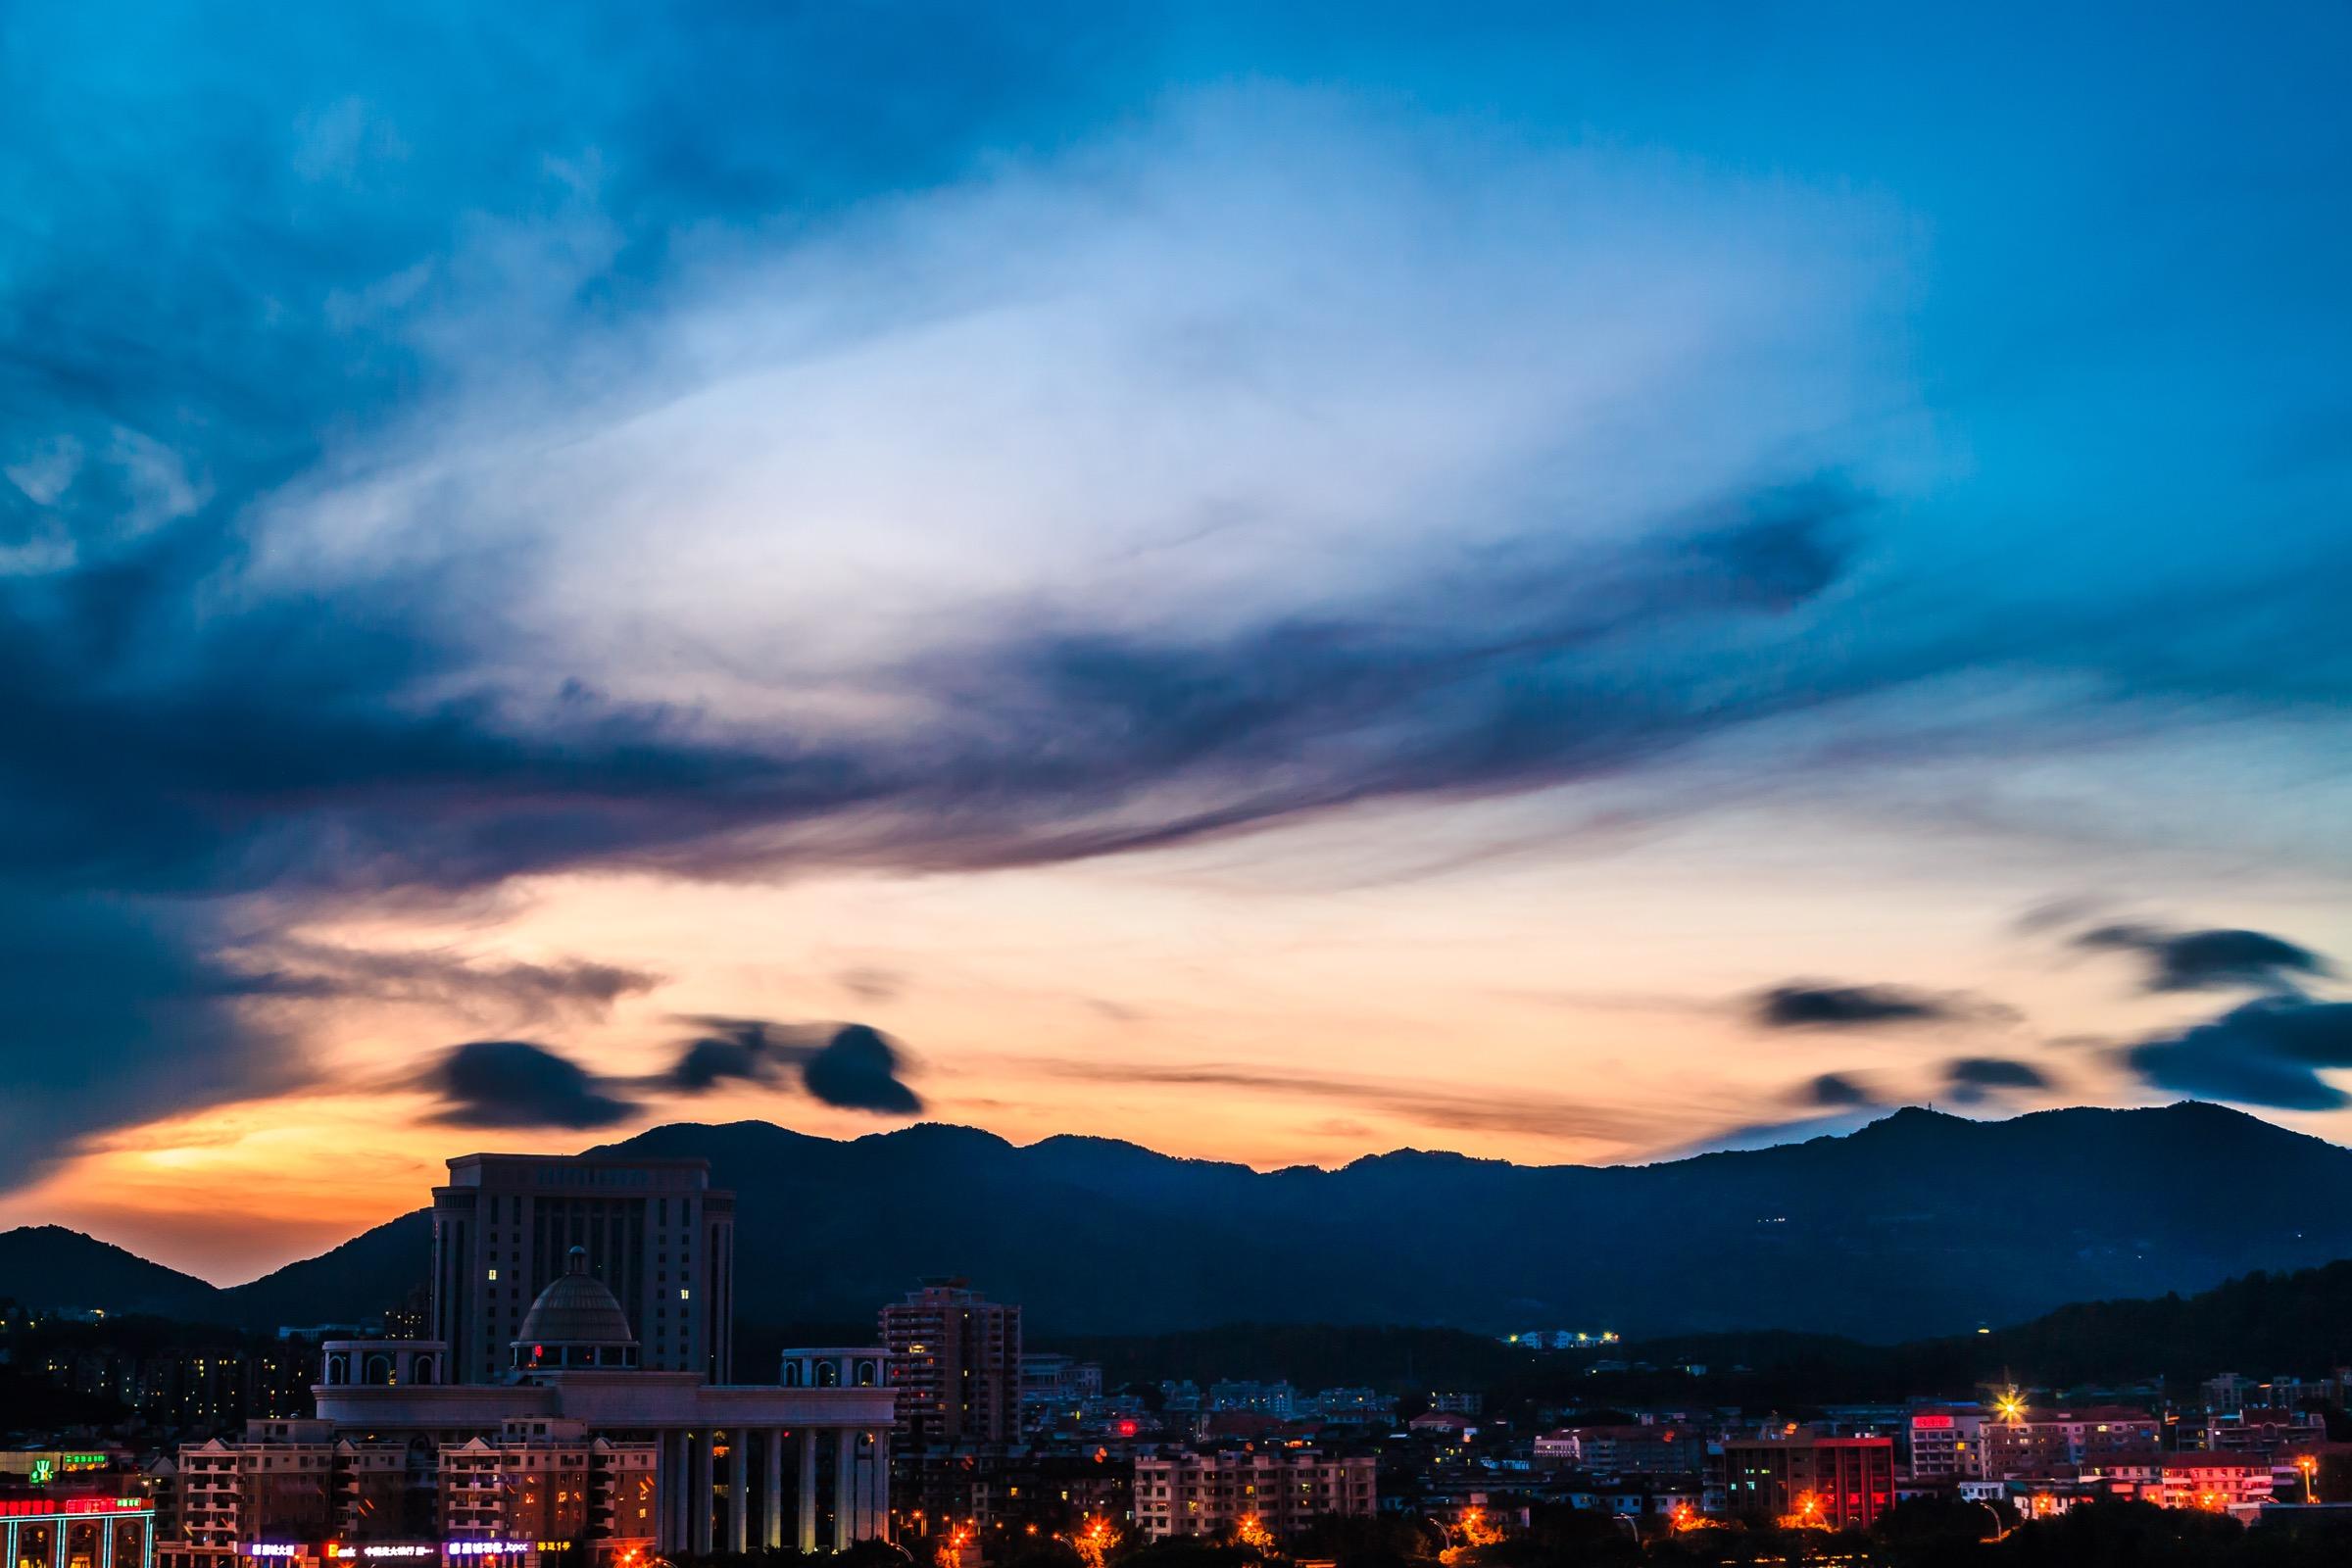 20140719 摄于福州九龙山庄 北面风景